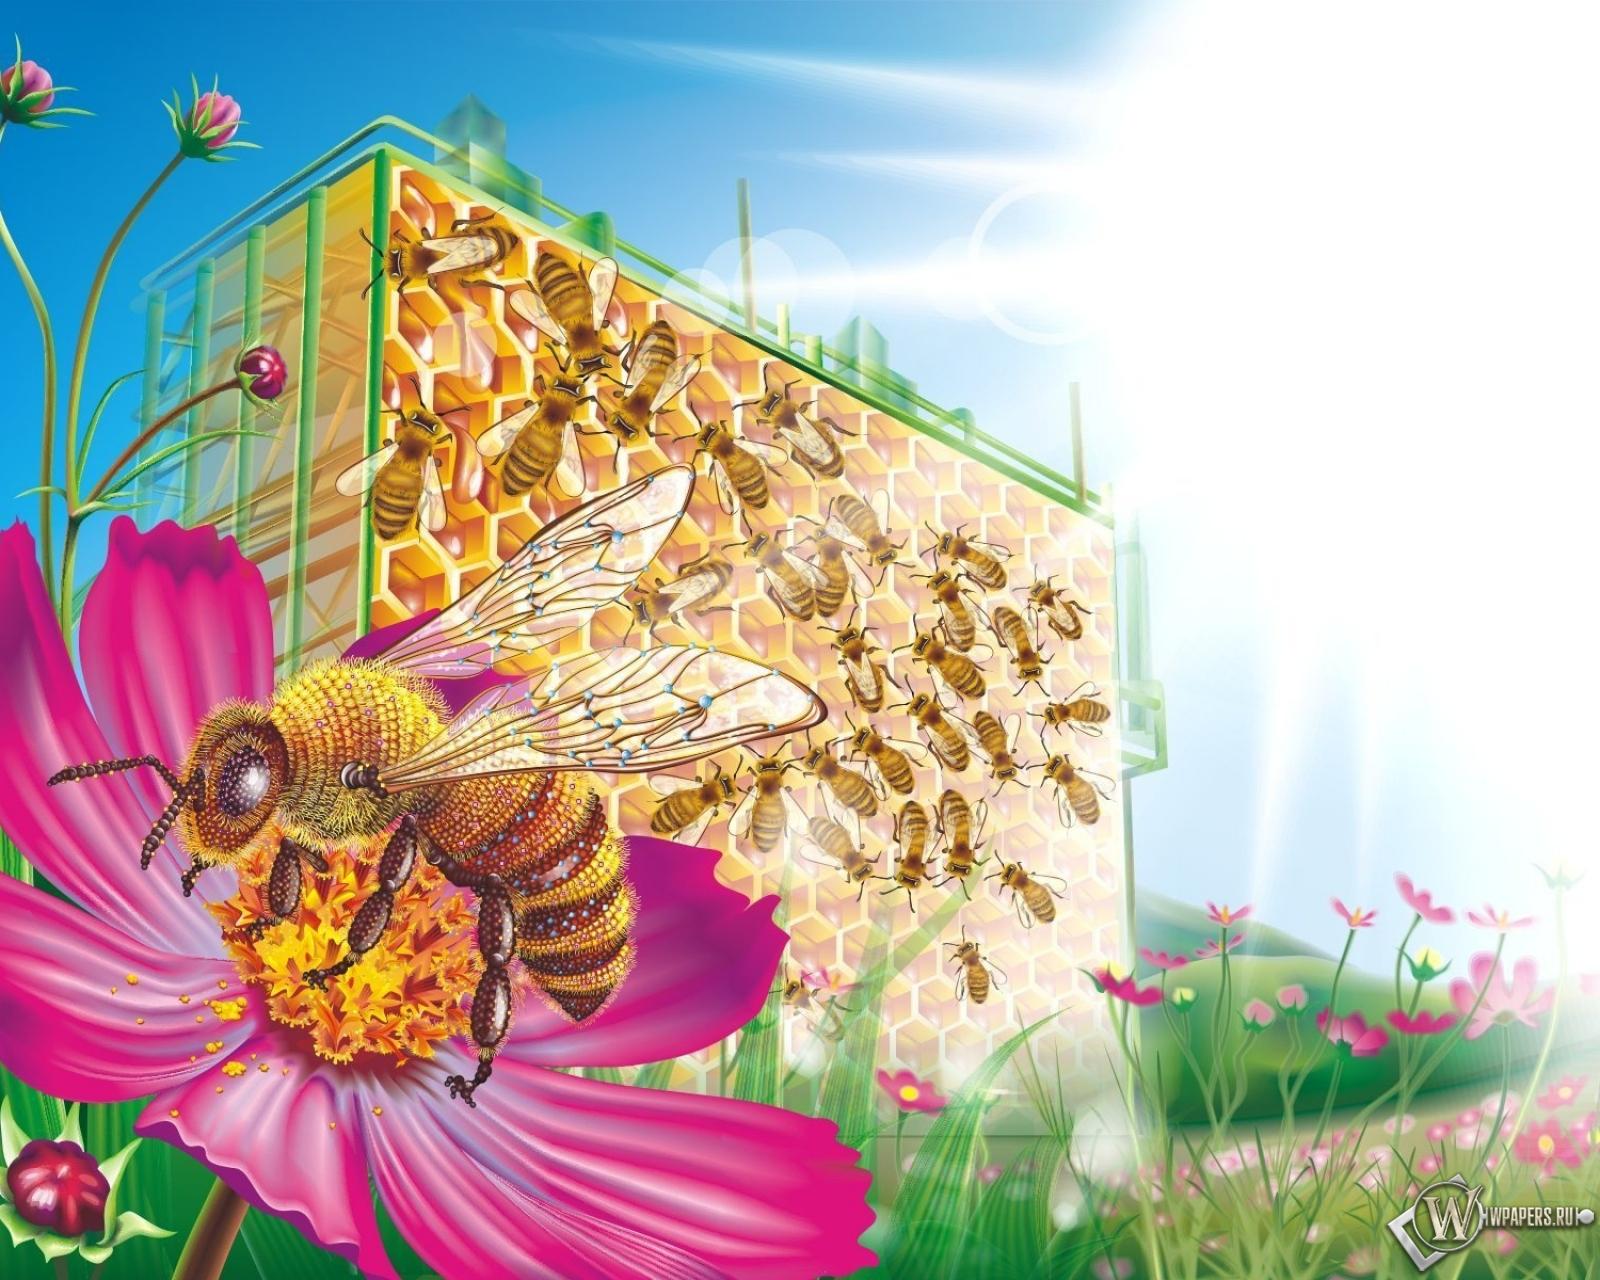 Открытки с днем рождения для пчеловодов, днем рождения